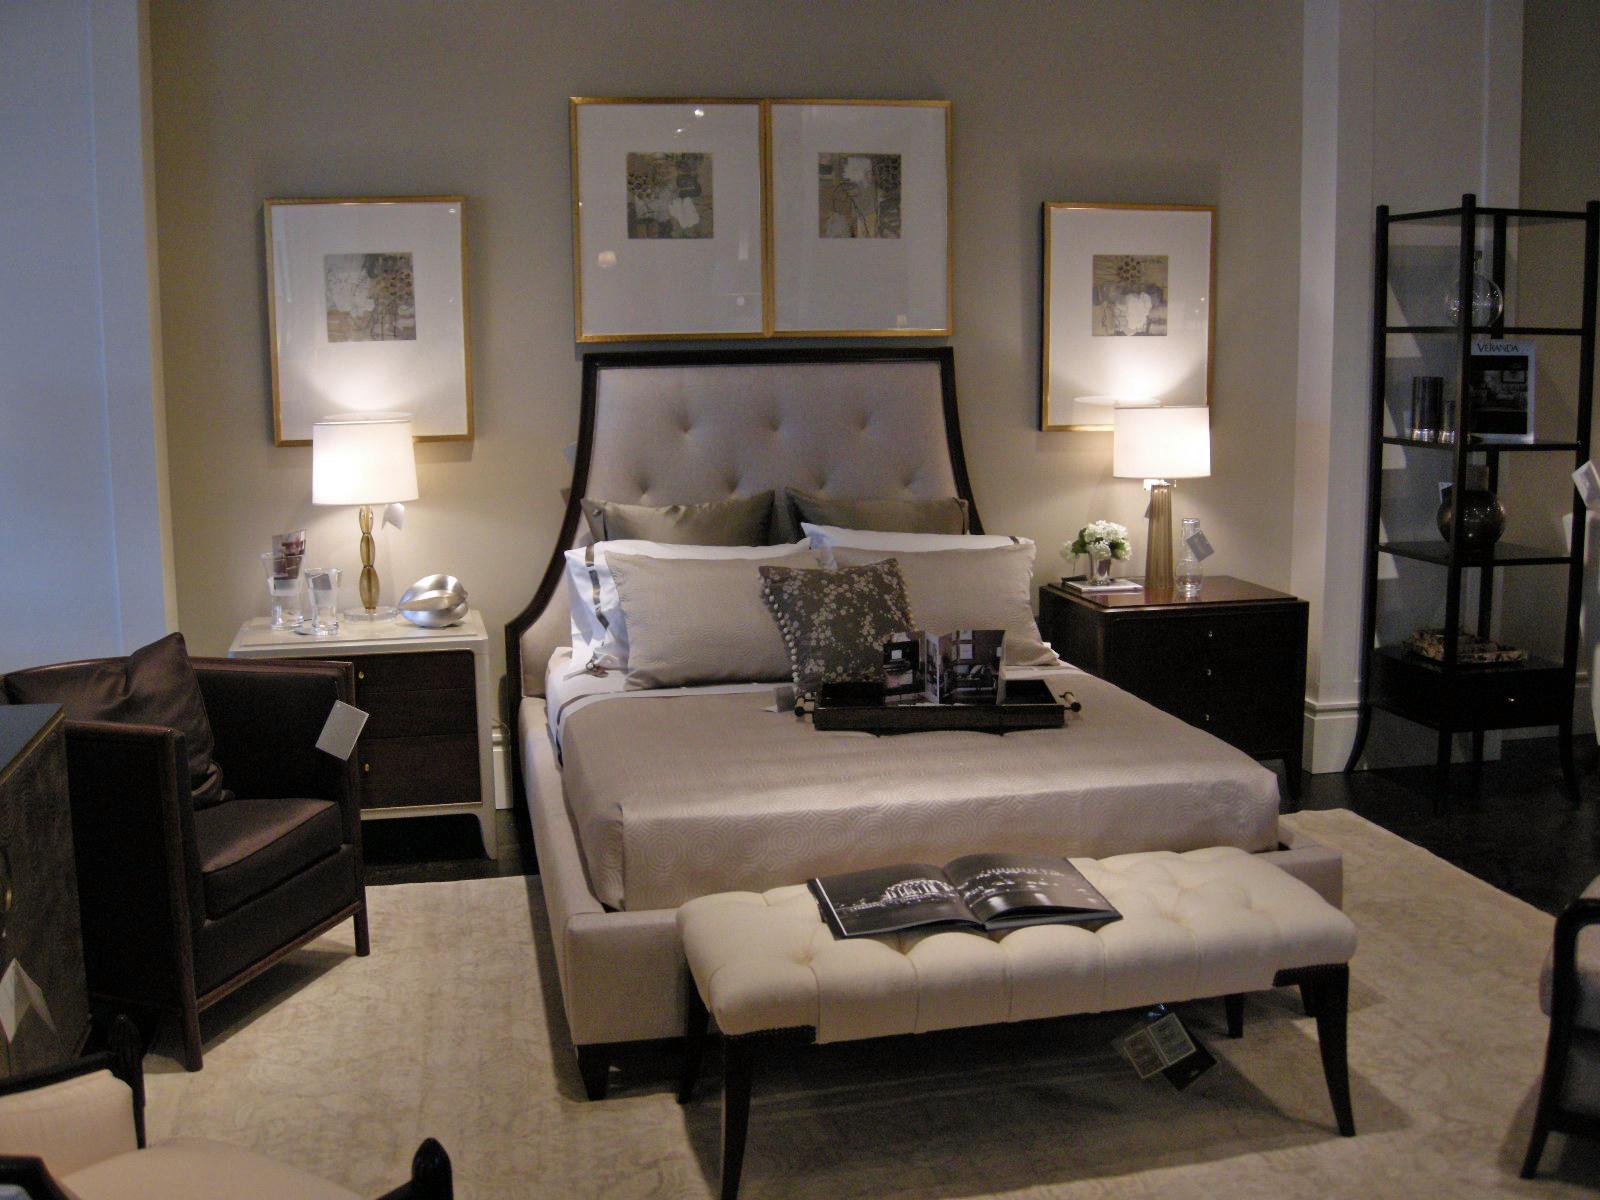 brent baker studio. Black Bedroom Furniture Sets. Home Design Ideas